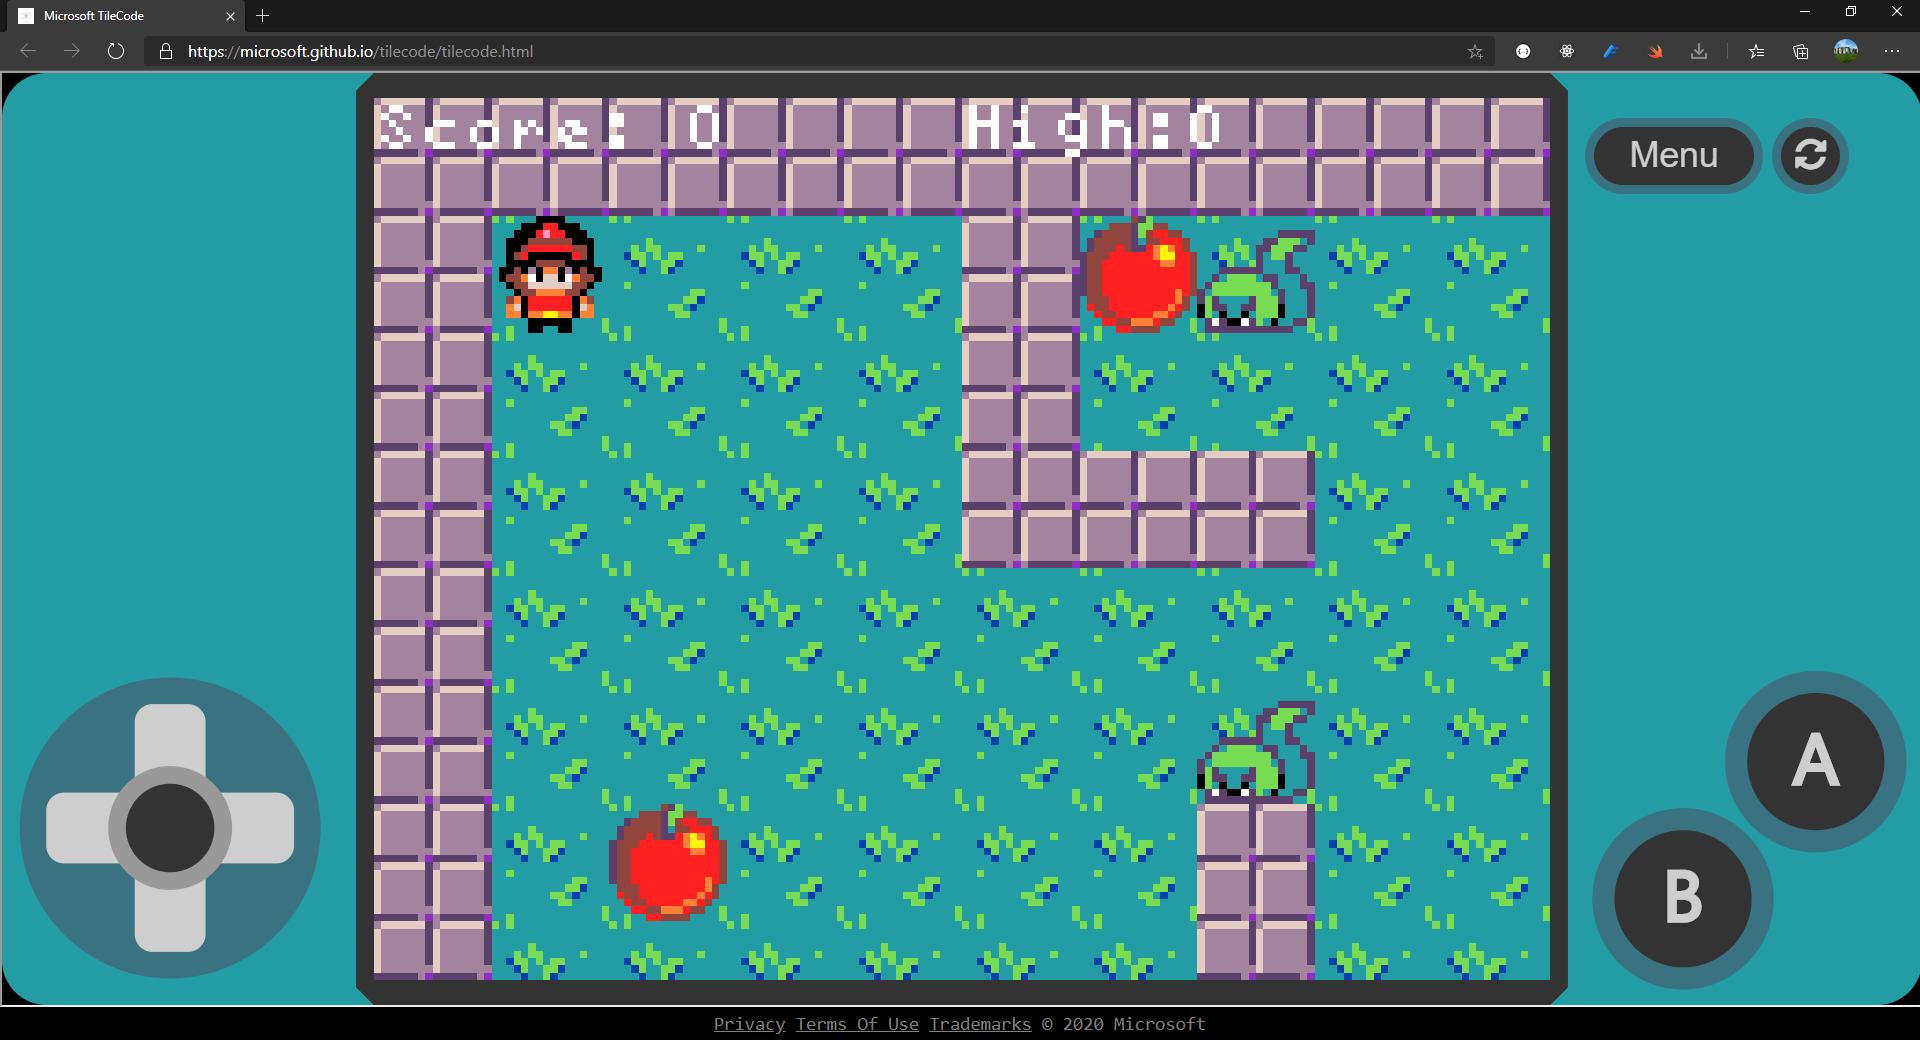 Microsoft TileCode creates arcade games